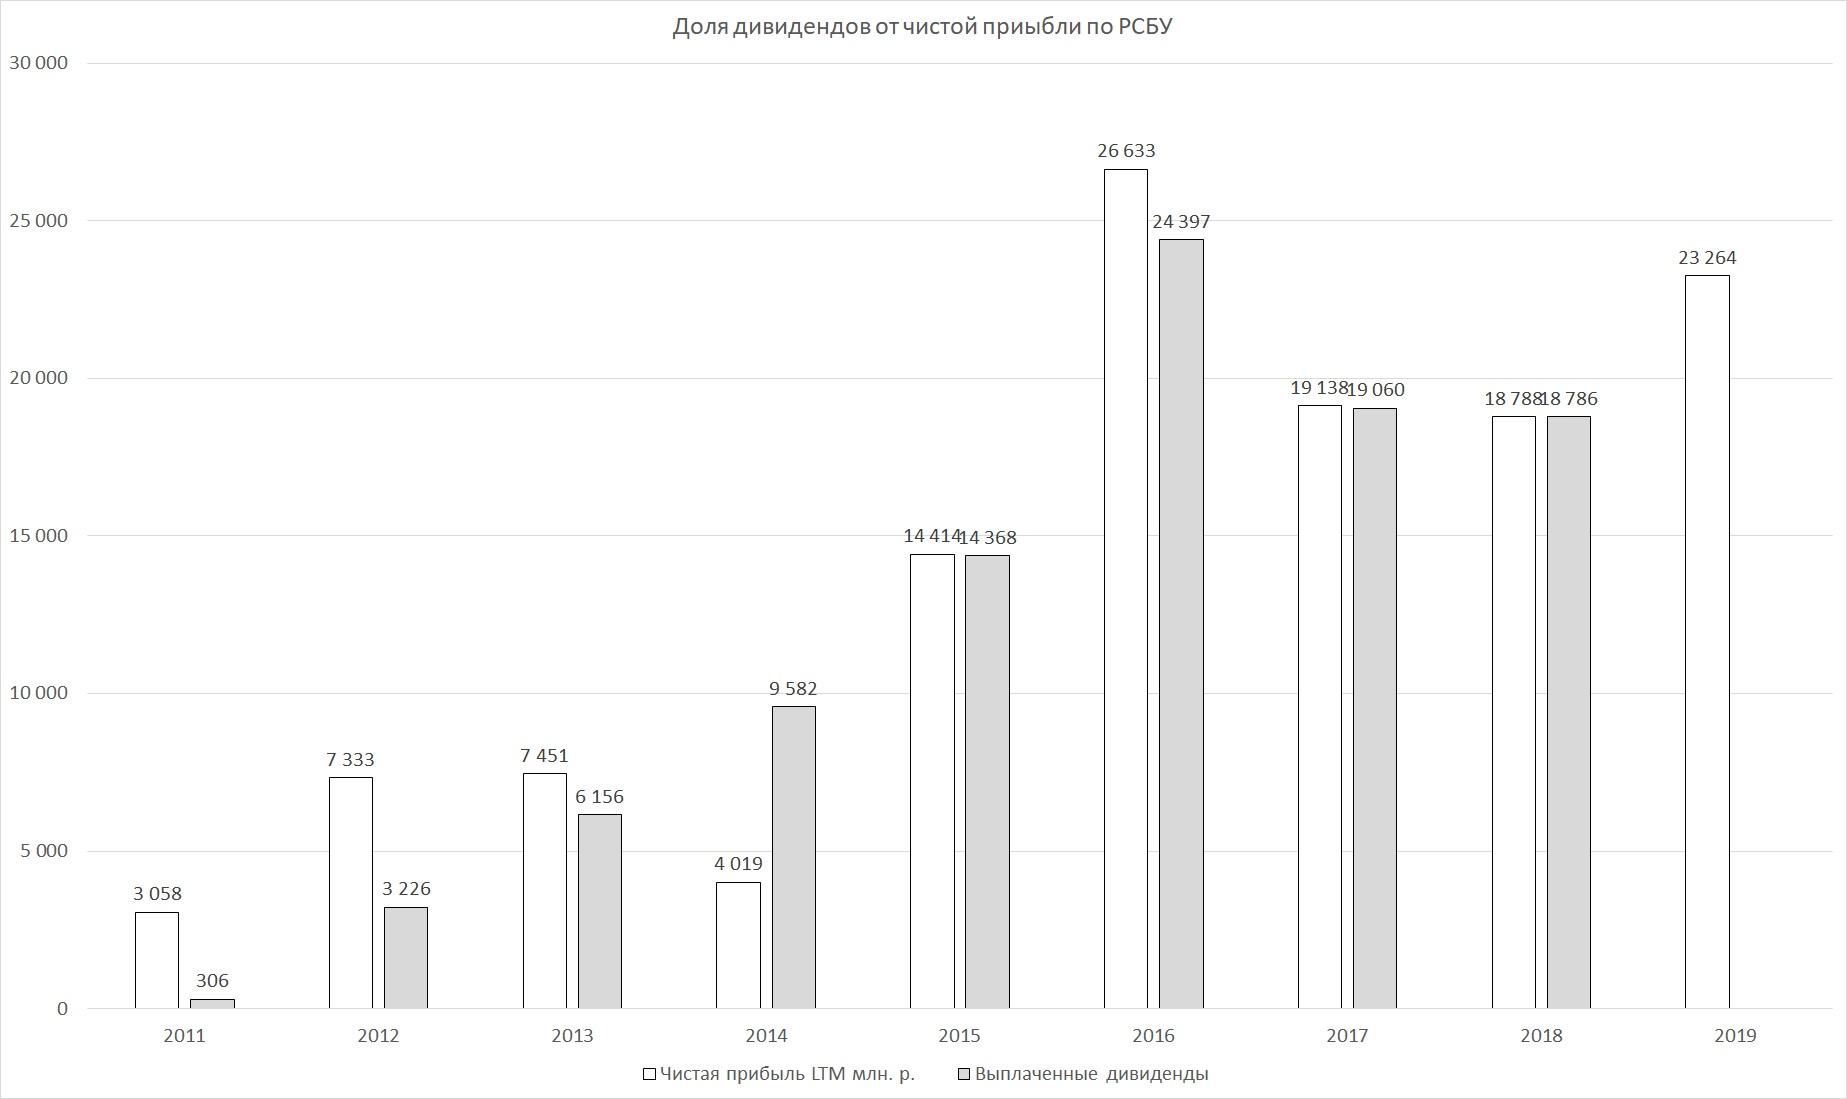 ВСМПО-АВИСМА результаты за 2019 г. по РСБУ, прикидываем дивиденды